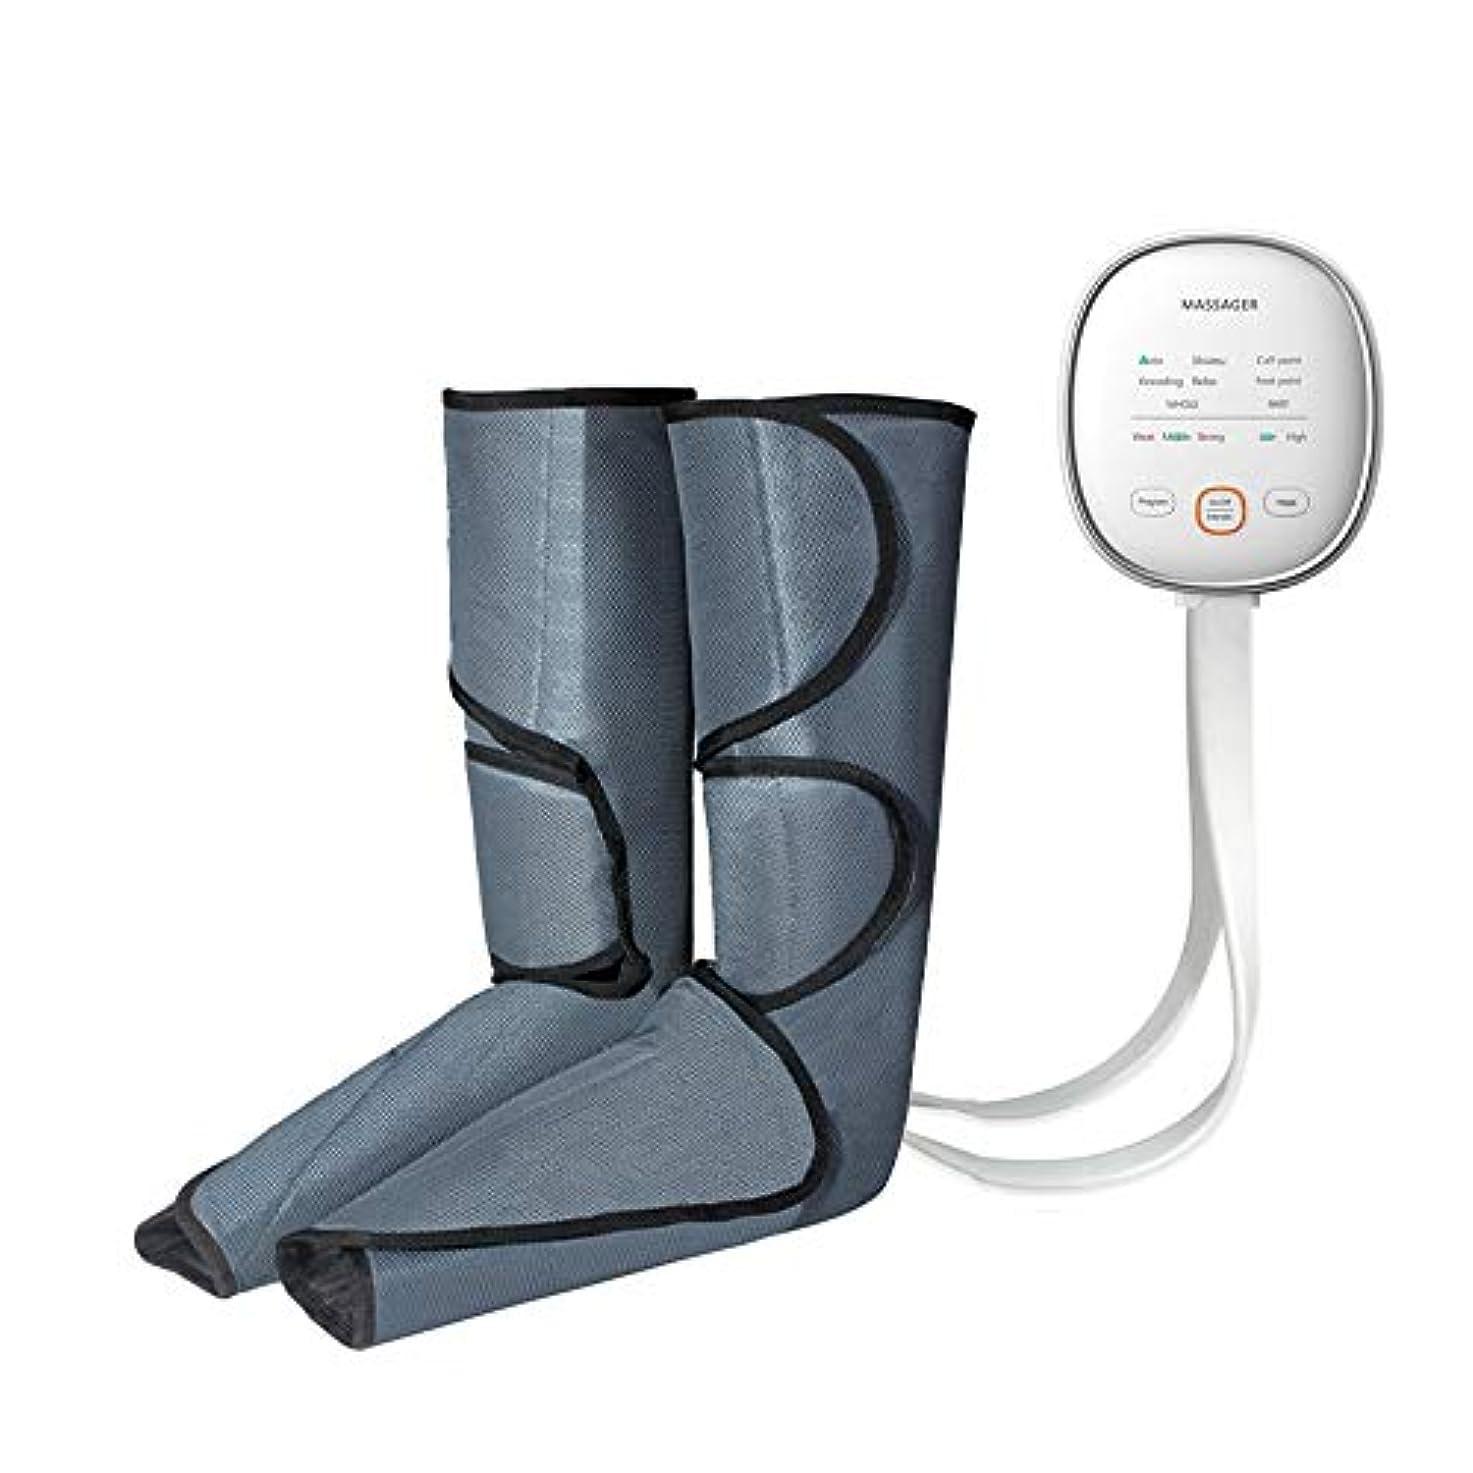 売るラッドヤードキップリングペルソナフットマッサージャー エアーマッサージャー器 足とふくらはぎマッサージ 温感機能 3つ段階の強さ フット空気圧縮マッサージ 血行の促進 疲労回復